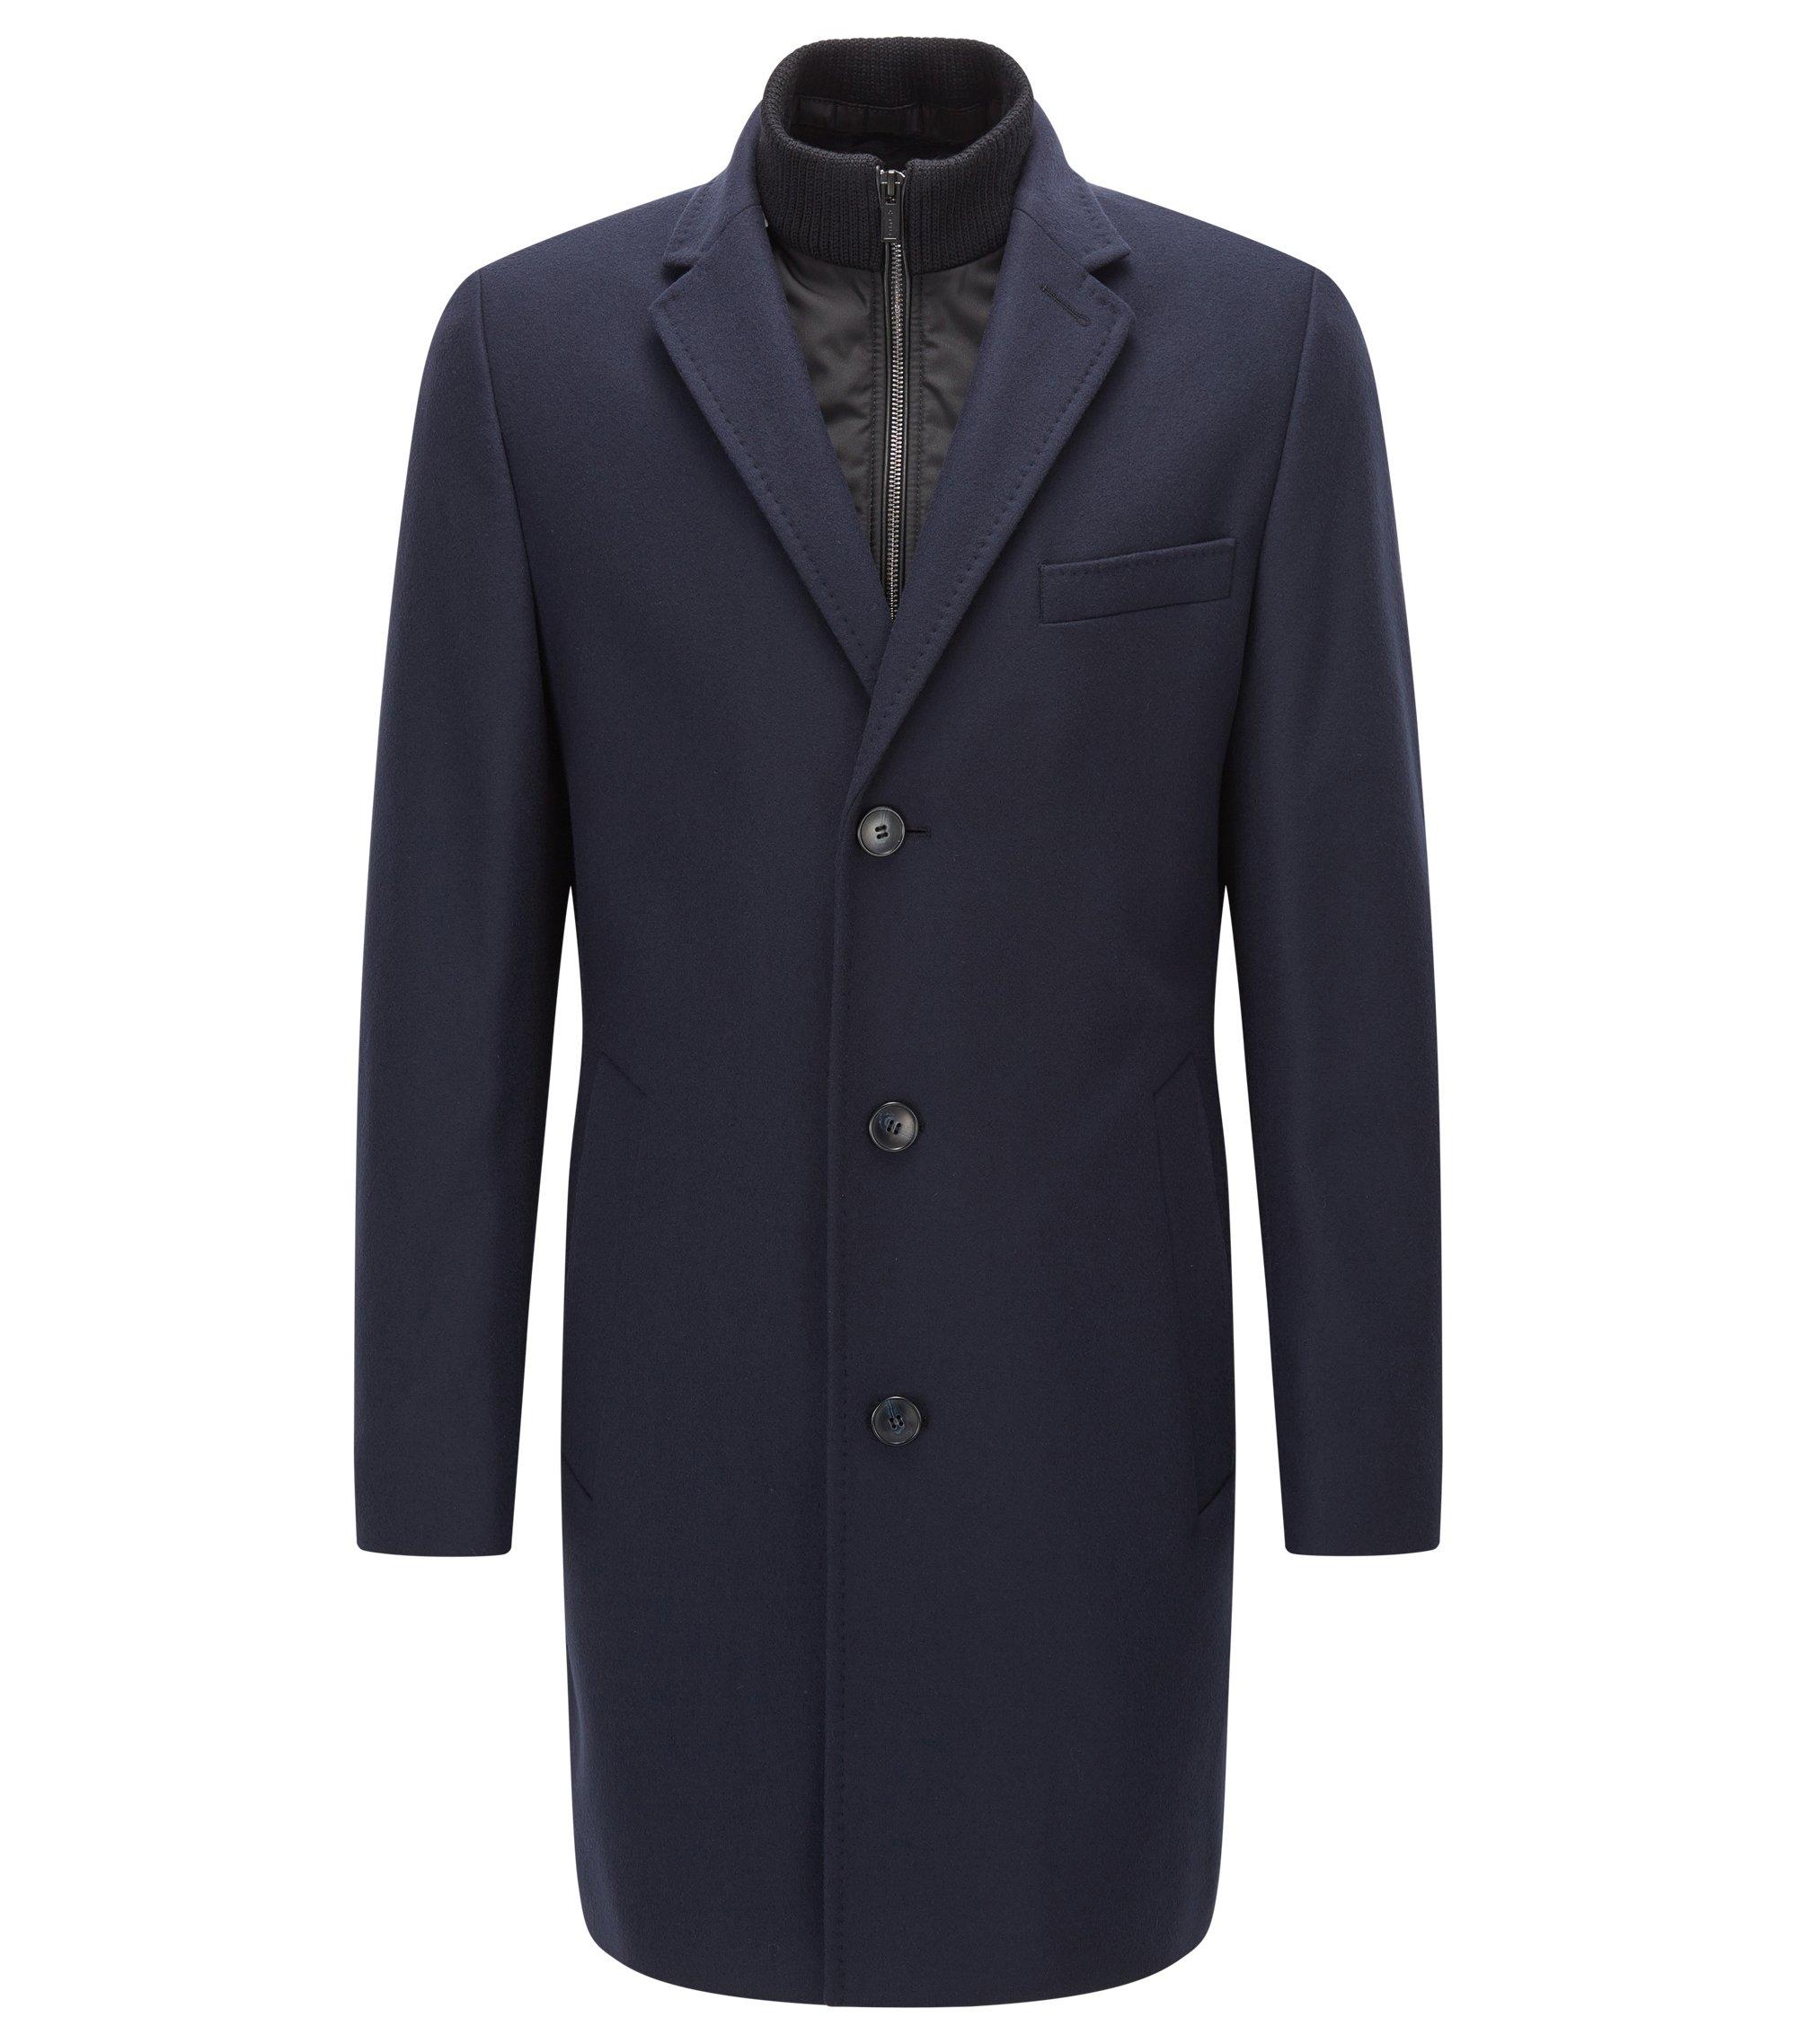 Abrigo regular fit en mezcla de lana con cuello mao y cremallera, Azul oscuro